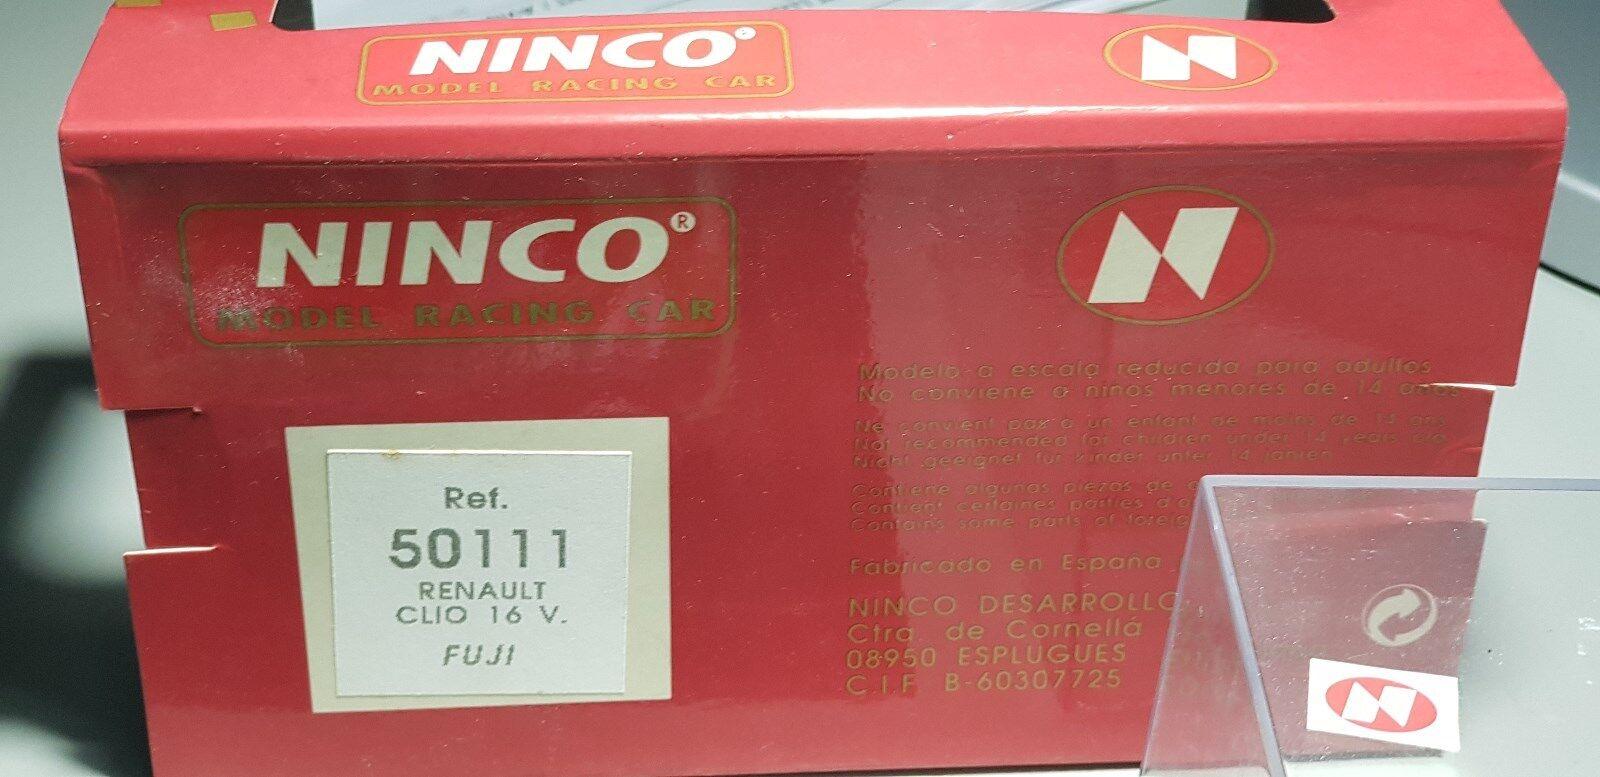 Noël Nouvel An, An, An, l'œuf est courtois CLIO 16V FUJI REF 50111 NINCO 69ce9a